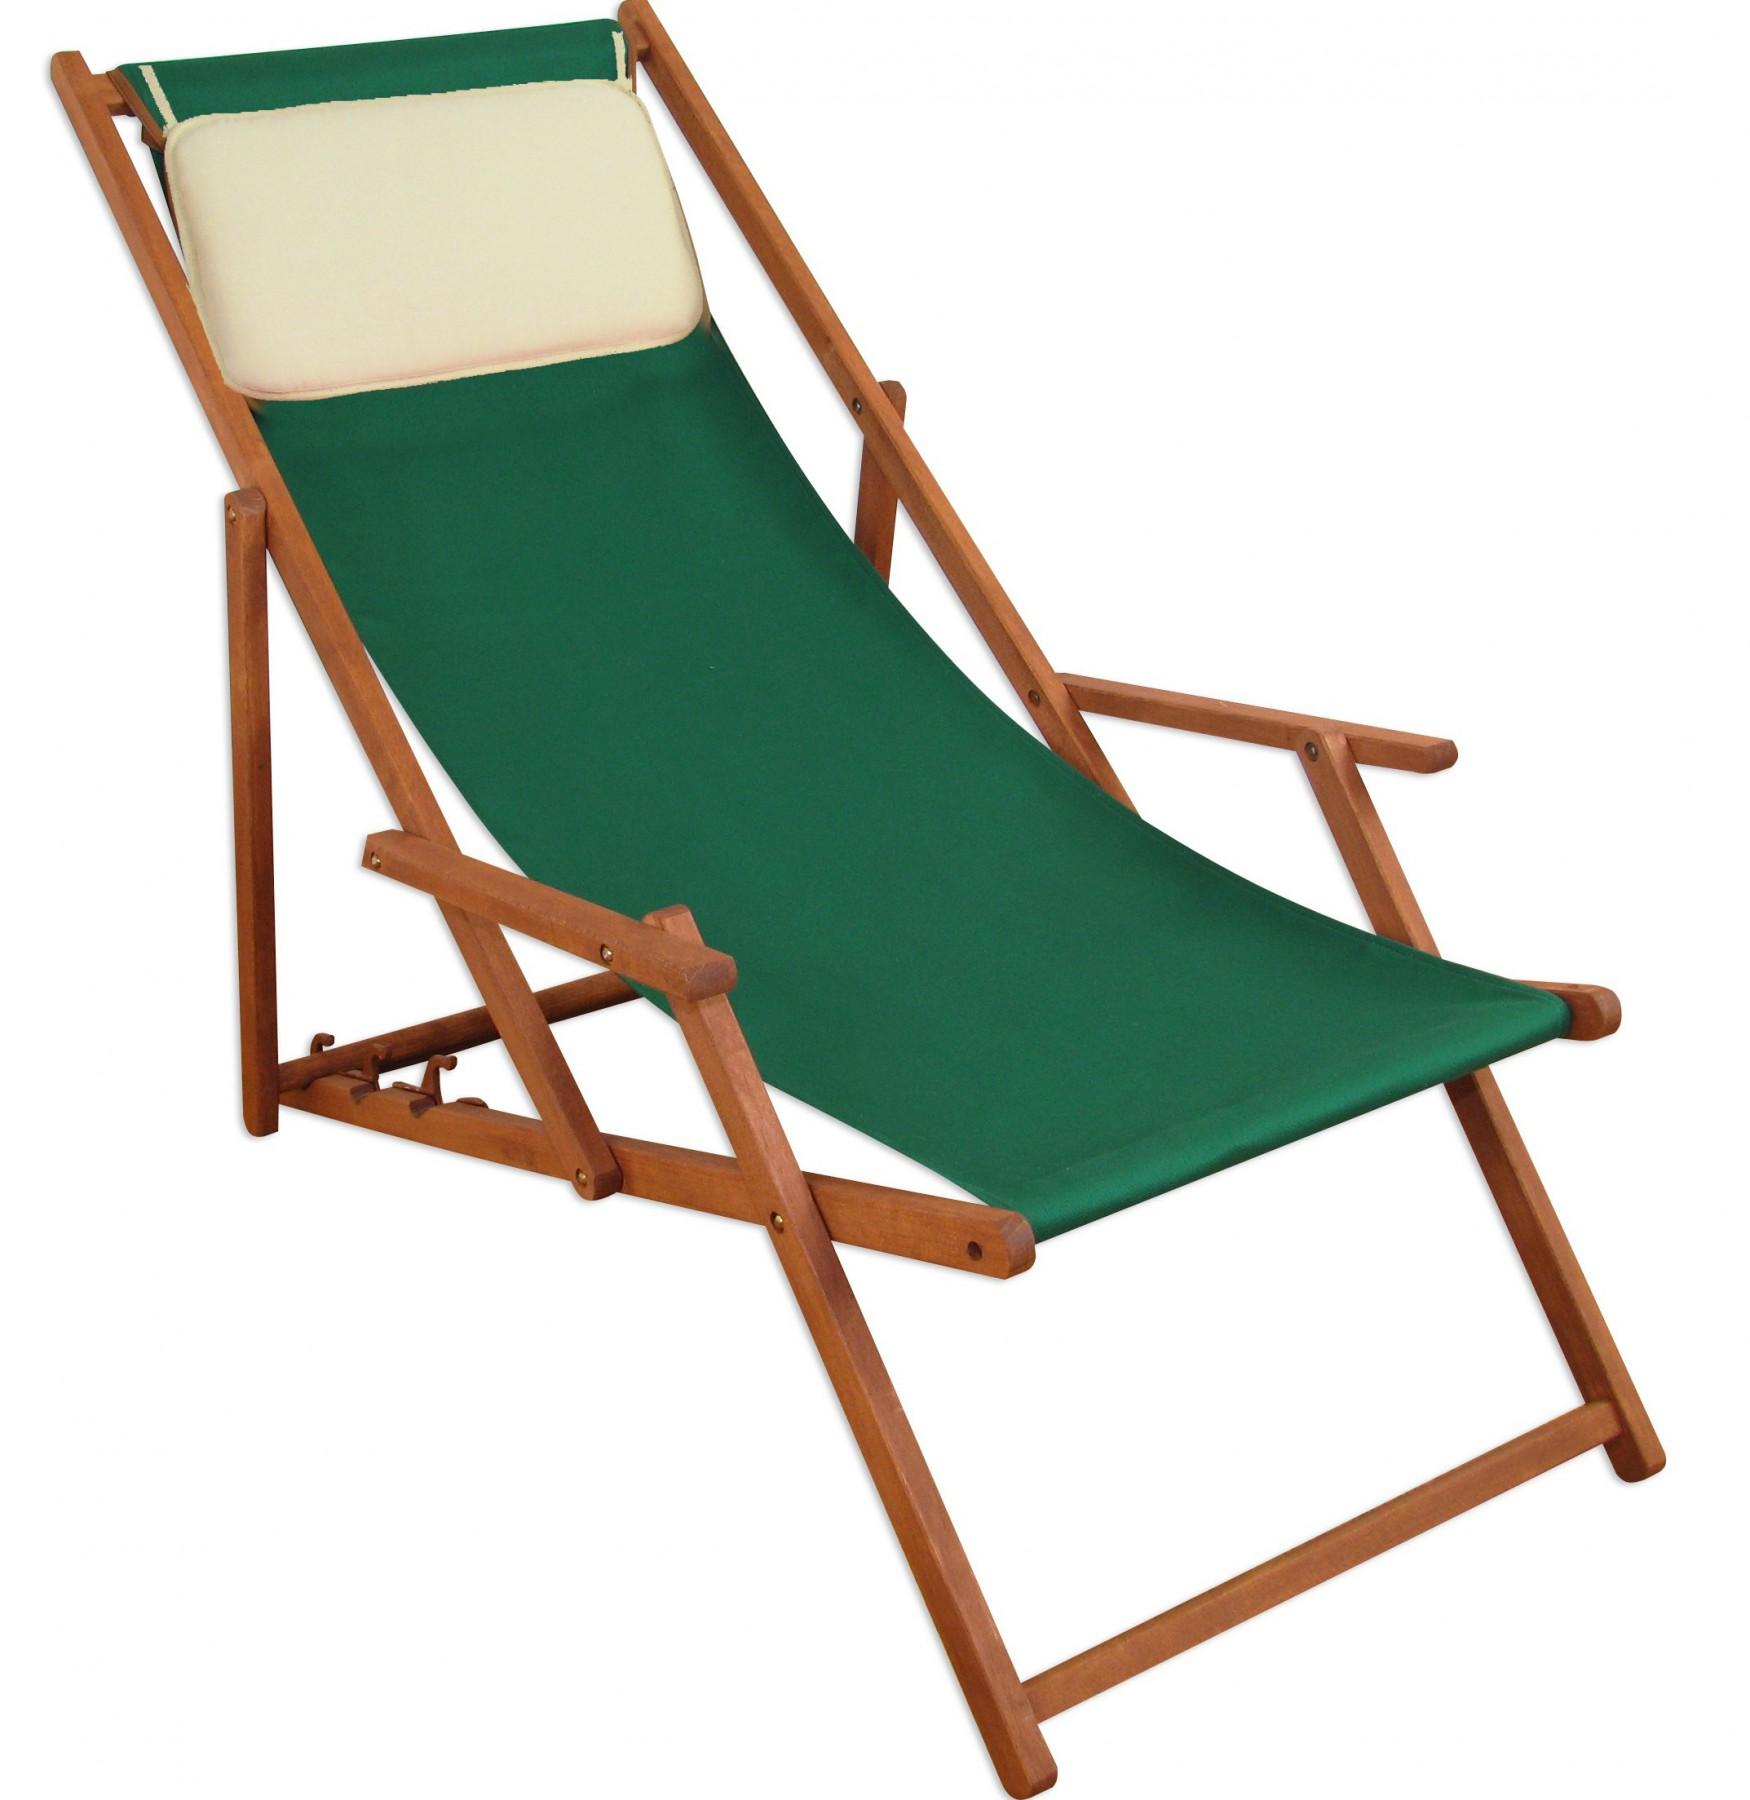 Full Size of Liegestuhl Holz Deckchair Grn Klappbare Sonnenliege Gartenliege Sofa Mit Holzfüßen Loungemöbel Garten Modulküche Esstisch Holzplatte Betten Aus Regal Weiß Wohnzimmer Liegestuhl Holz